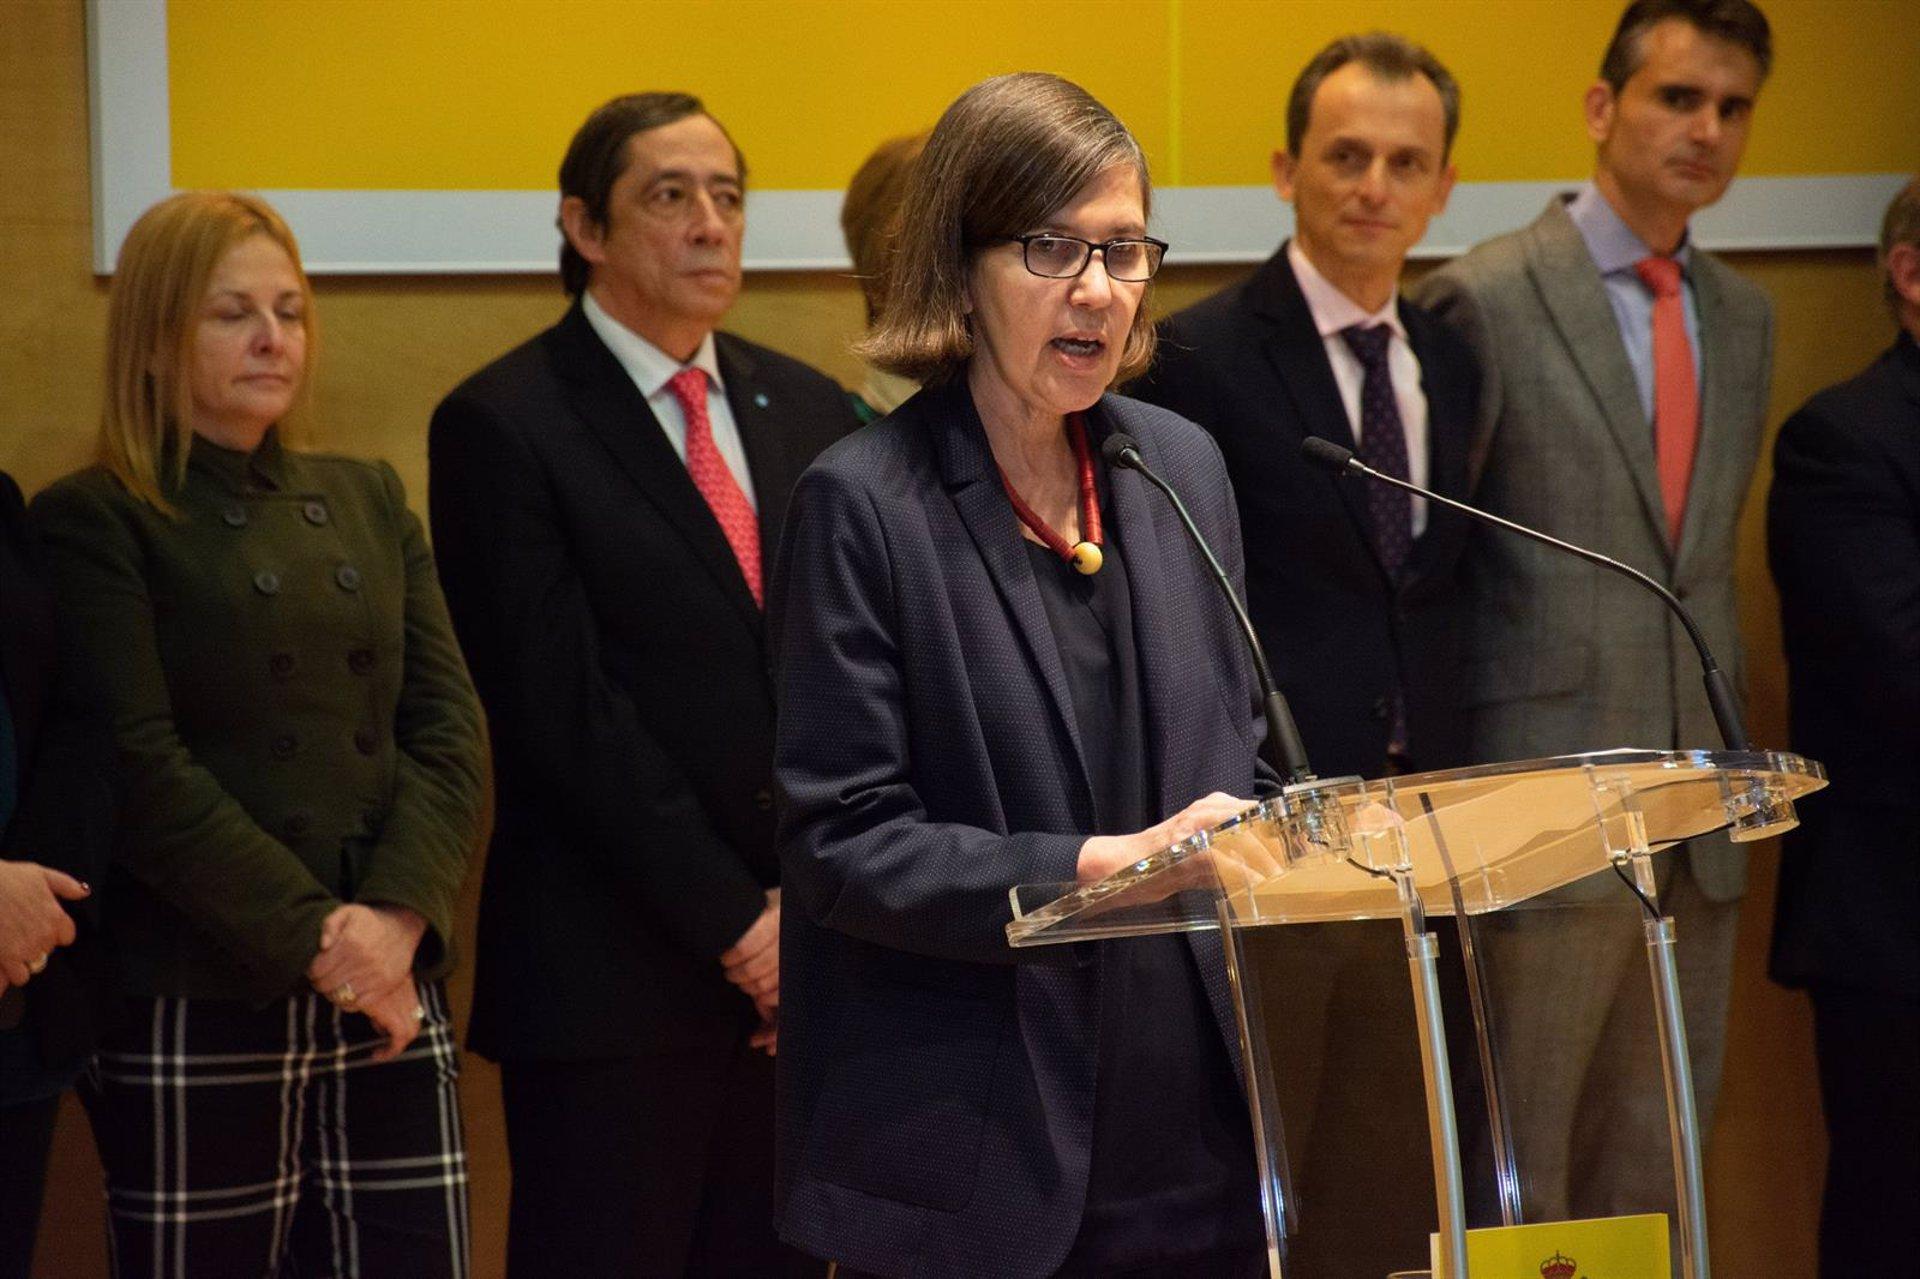 María Luz Morán, nueva rectora de la UIMP con «gran responsabilidad añadida» por ser la primera mujer en dirigirla